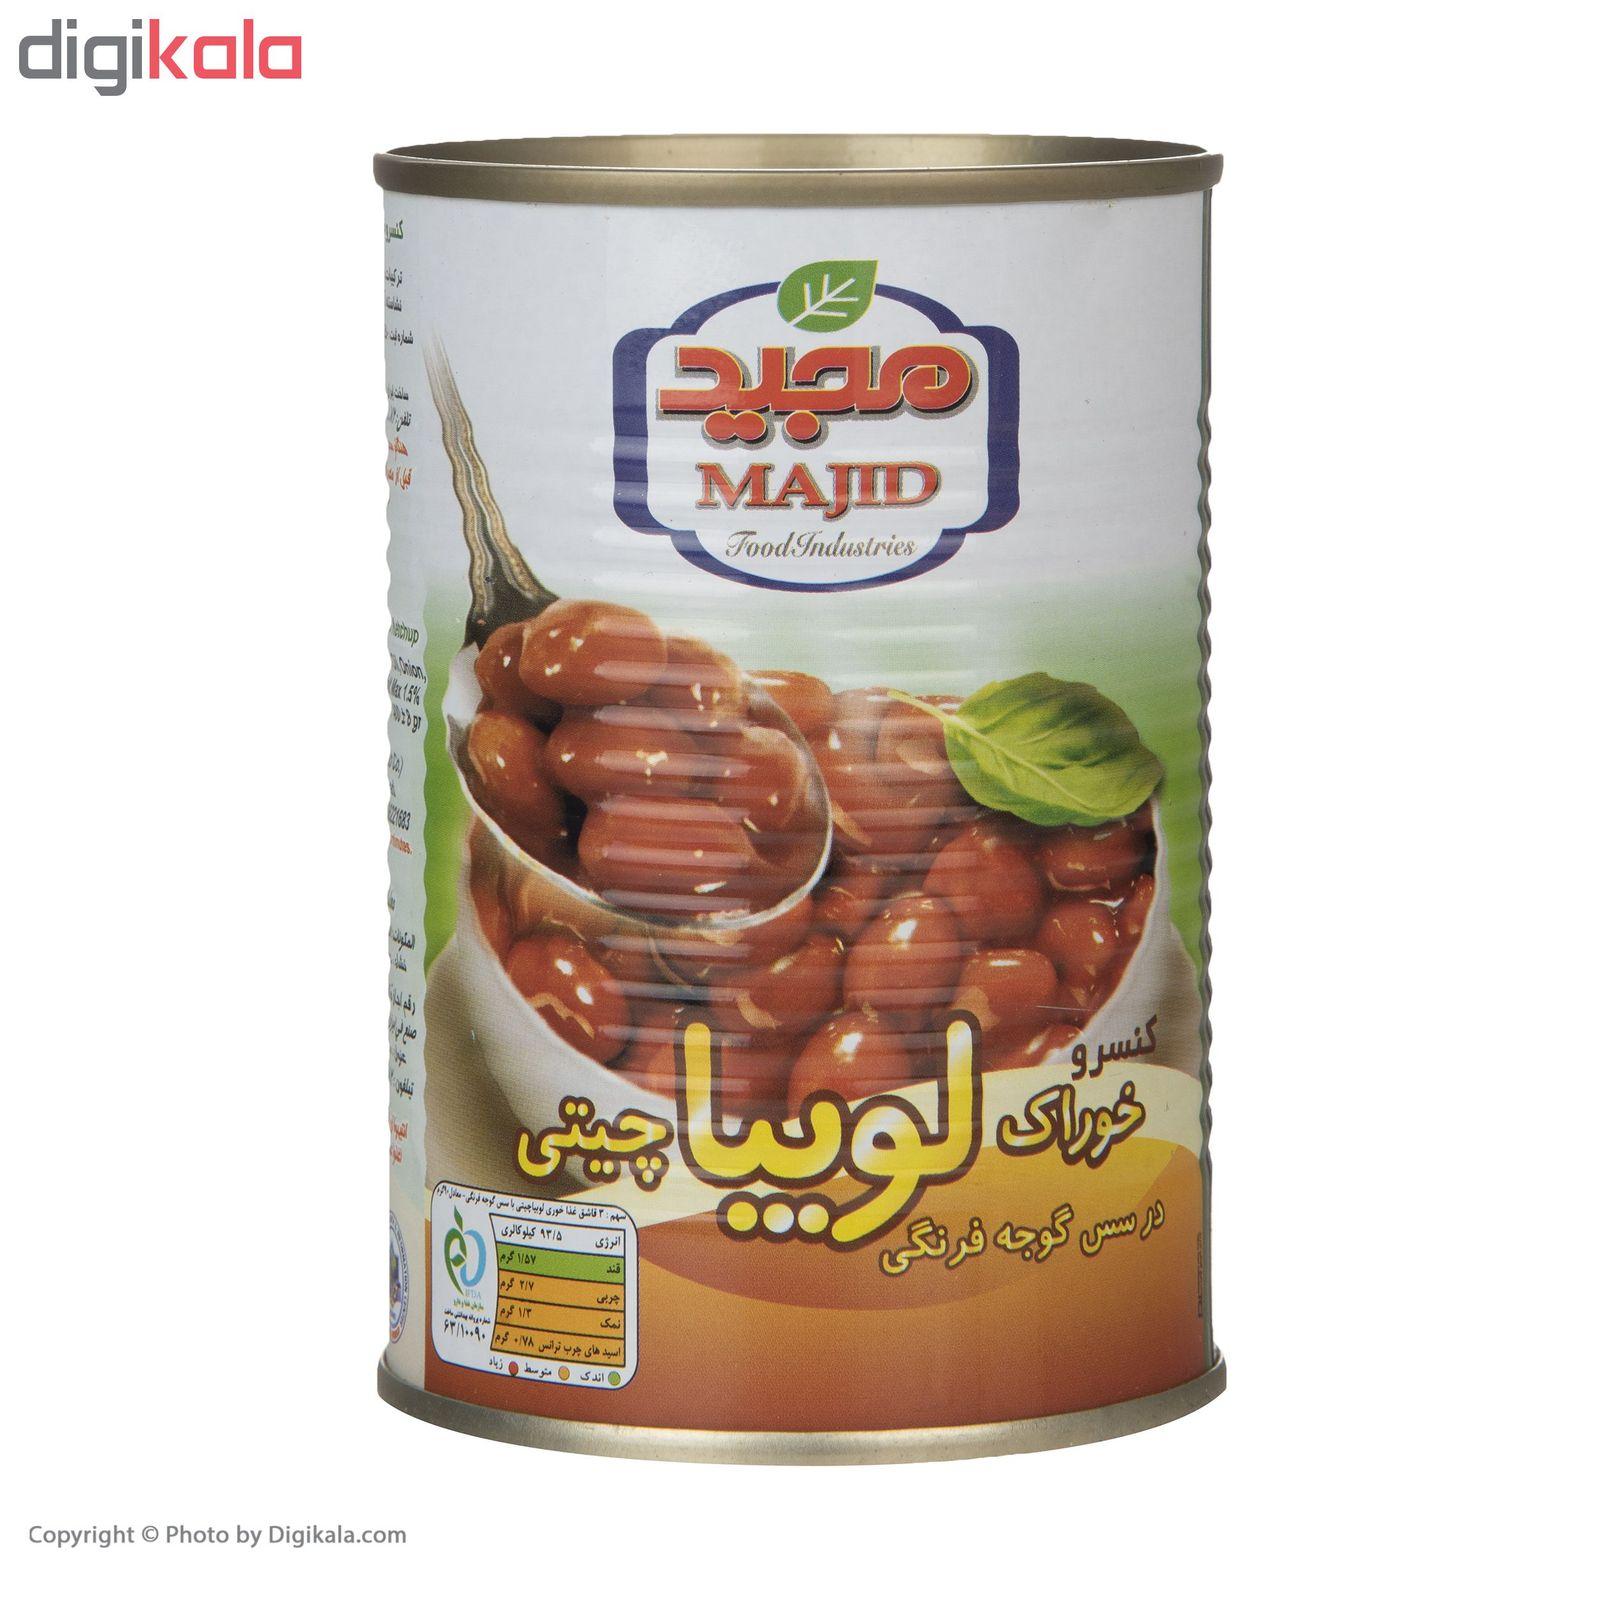 کنسرو خوراک لوبیا مجید - 400 گرم main 1 1